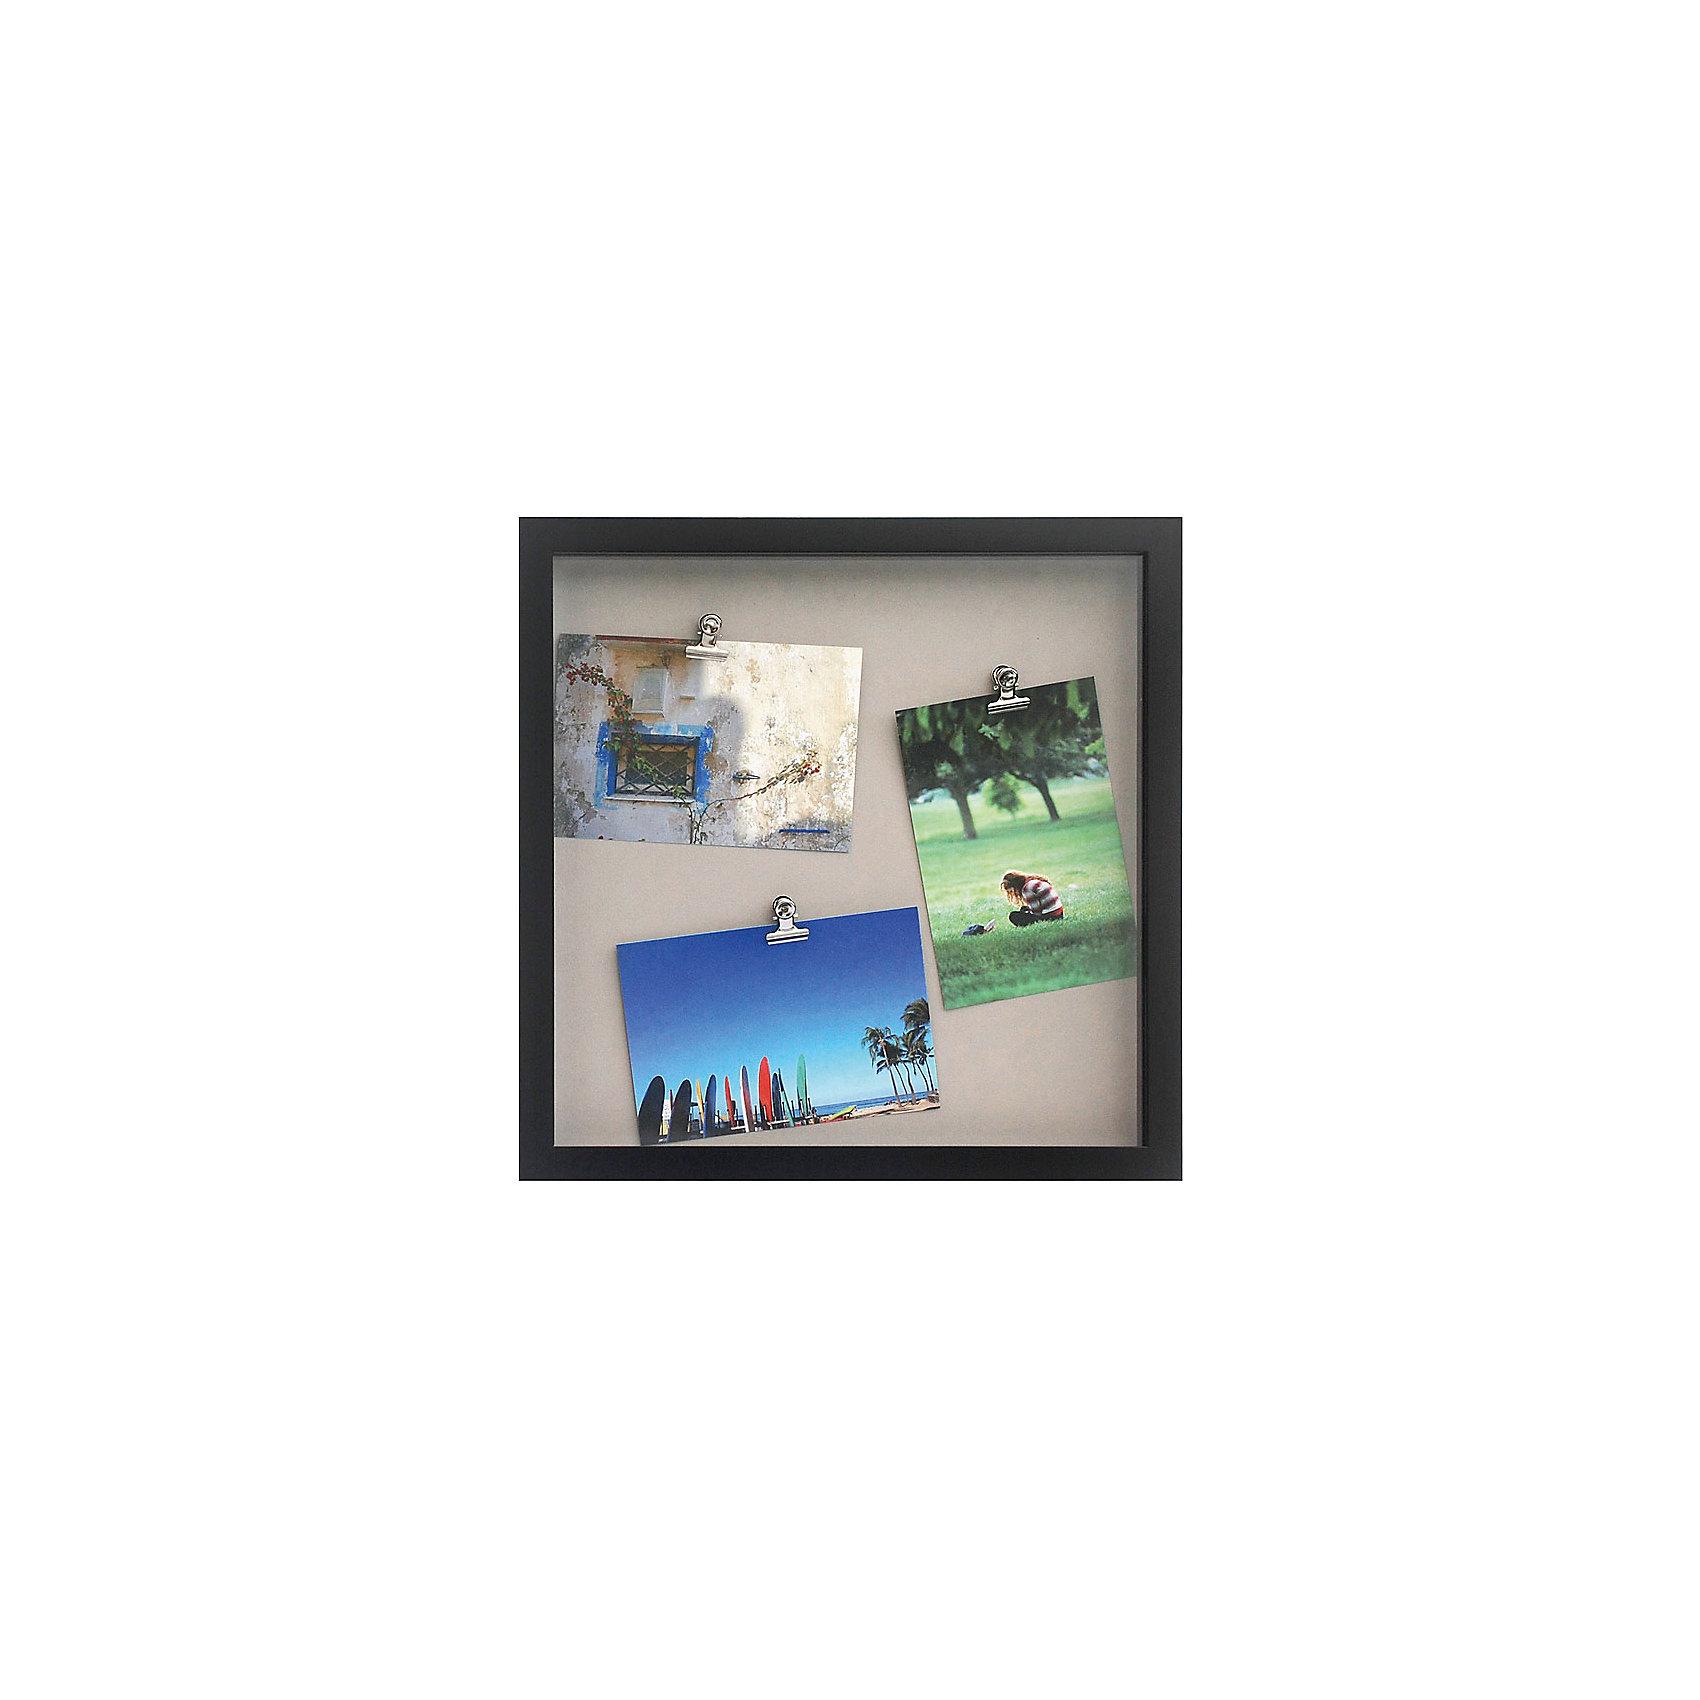 Белоснежка Фоторамка комбинированная черная фоторамка комбинированная белоснежка family на 5 фотографий